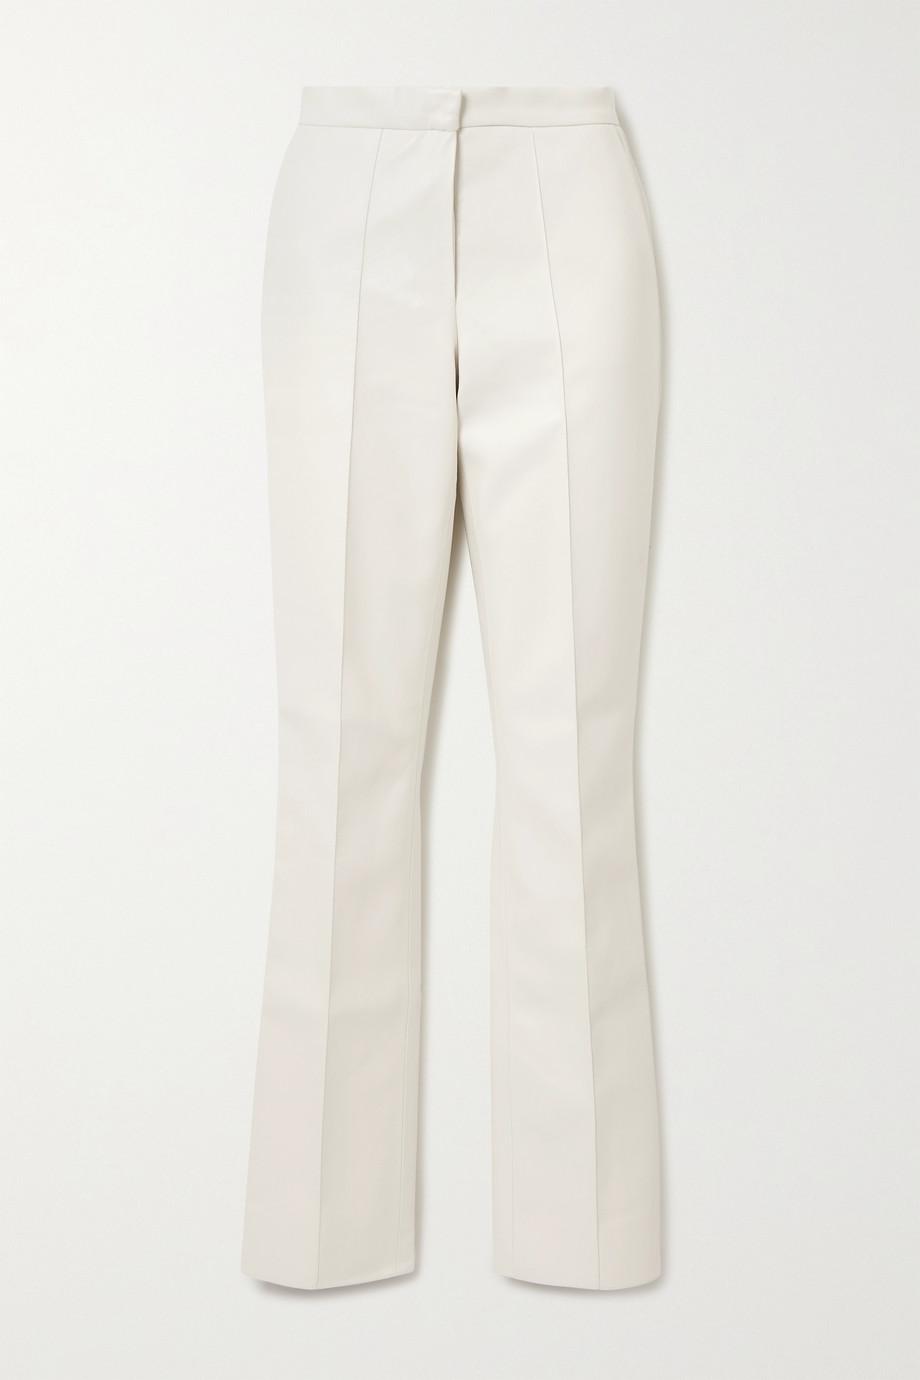 Lado Bokuchava Hose mit geradem Bein aus Kunstleder